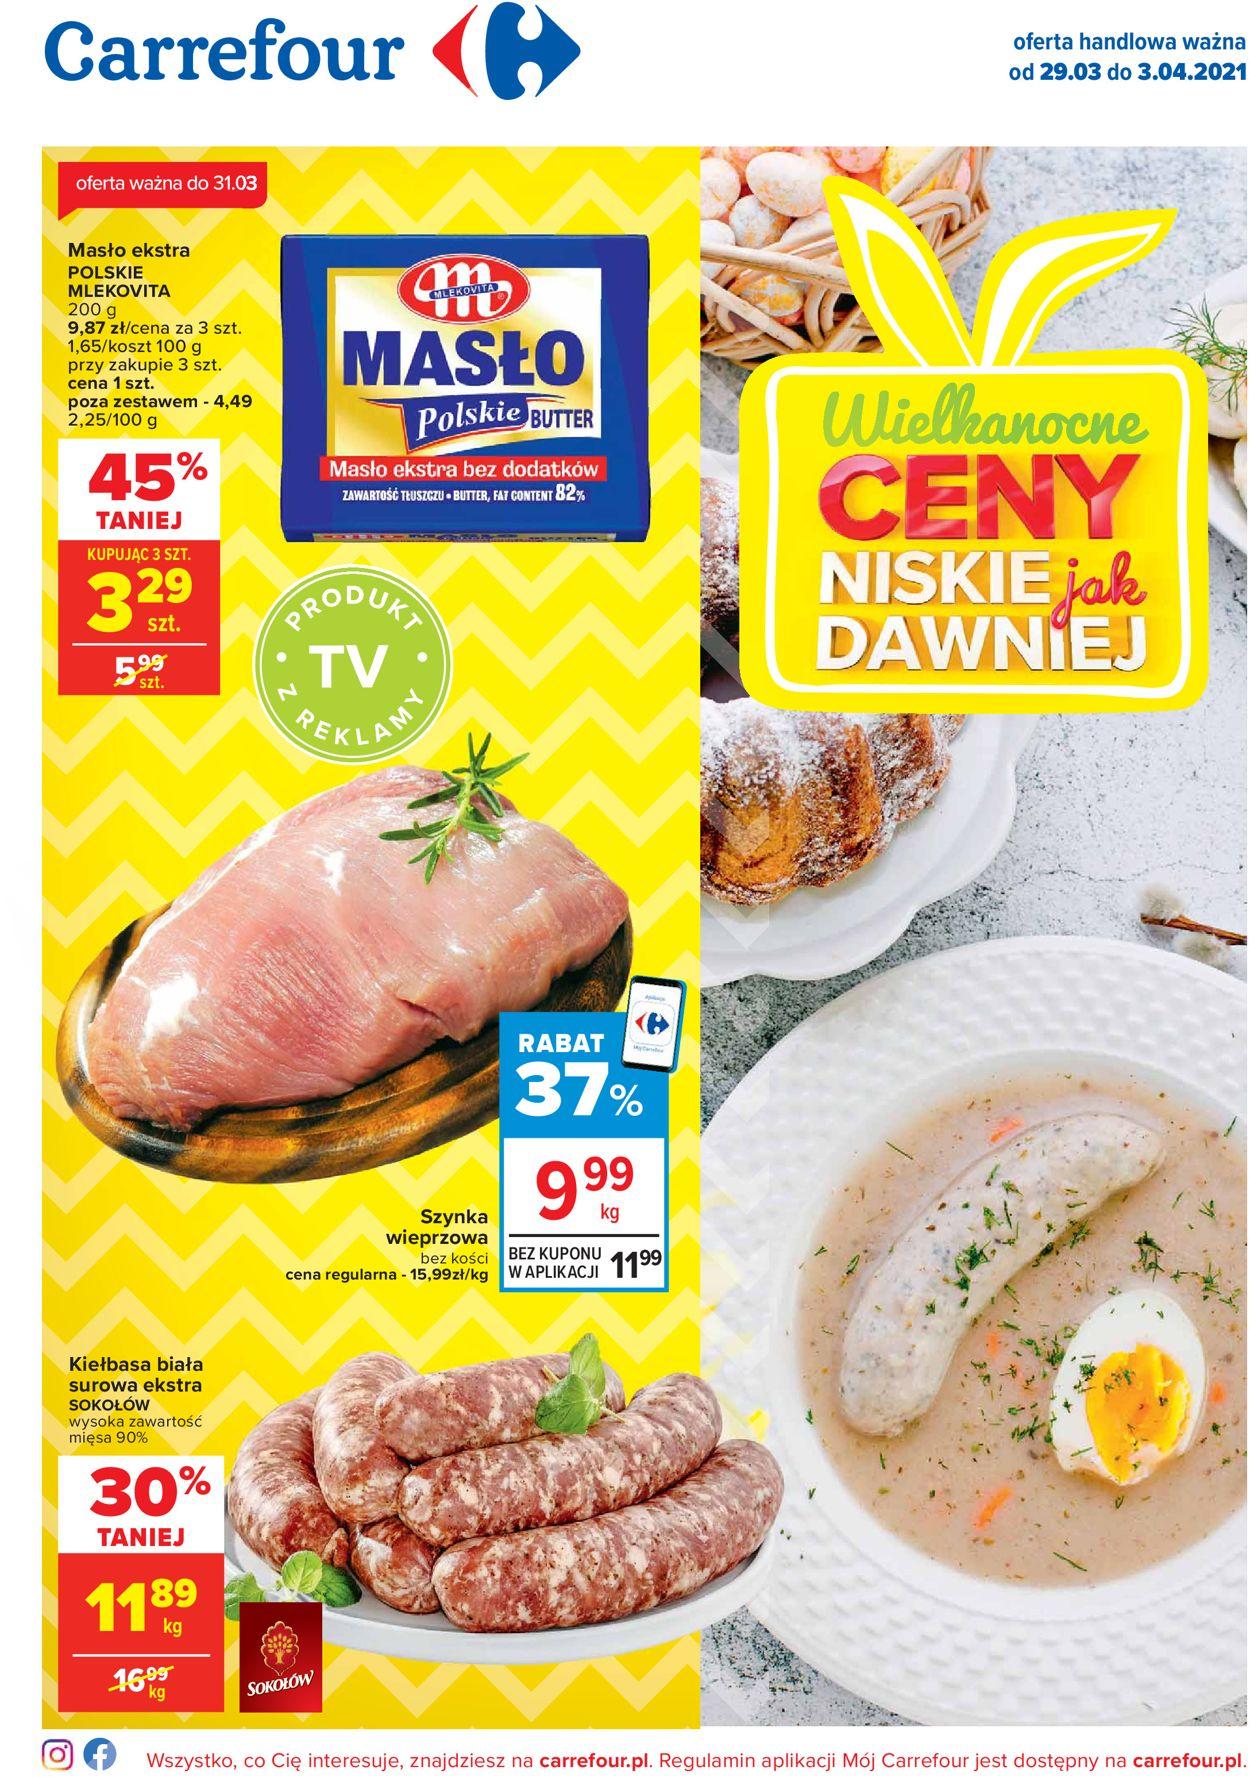 Gazetka promocyjna Carrefour Wielkanoc 2021! - 29.03-03.04.2021